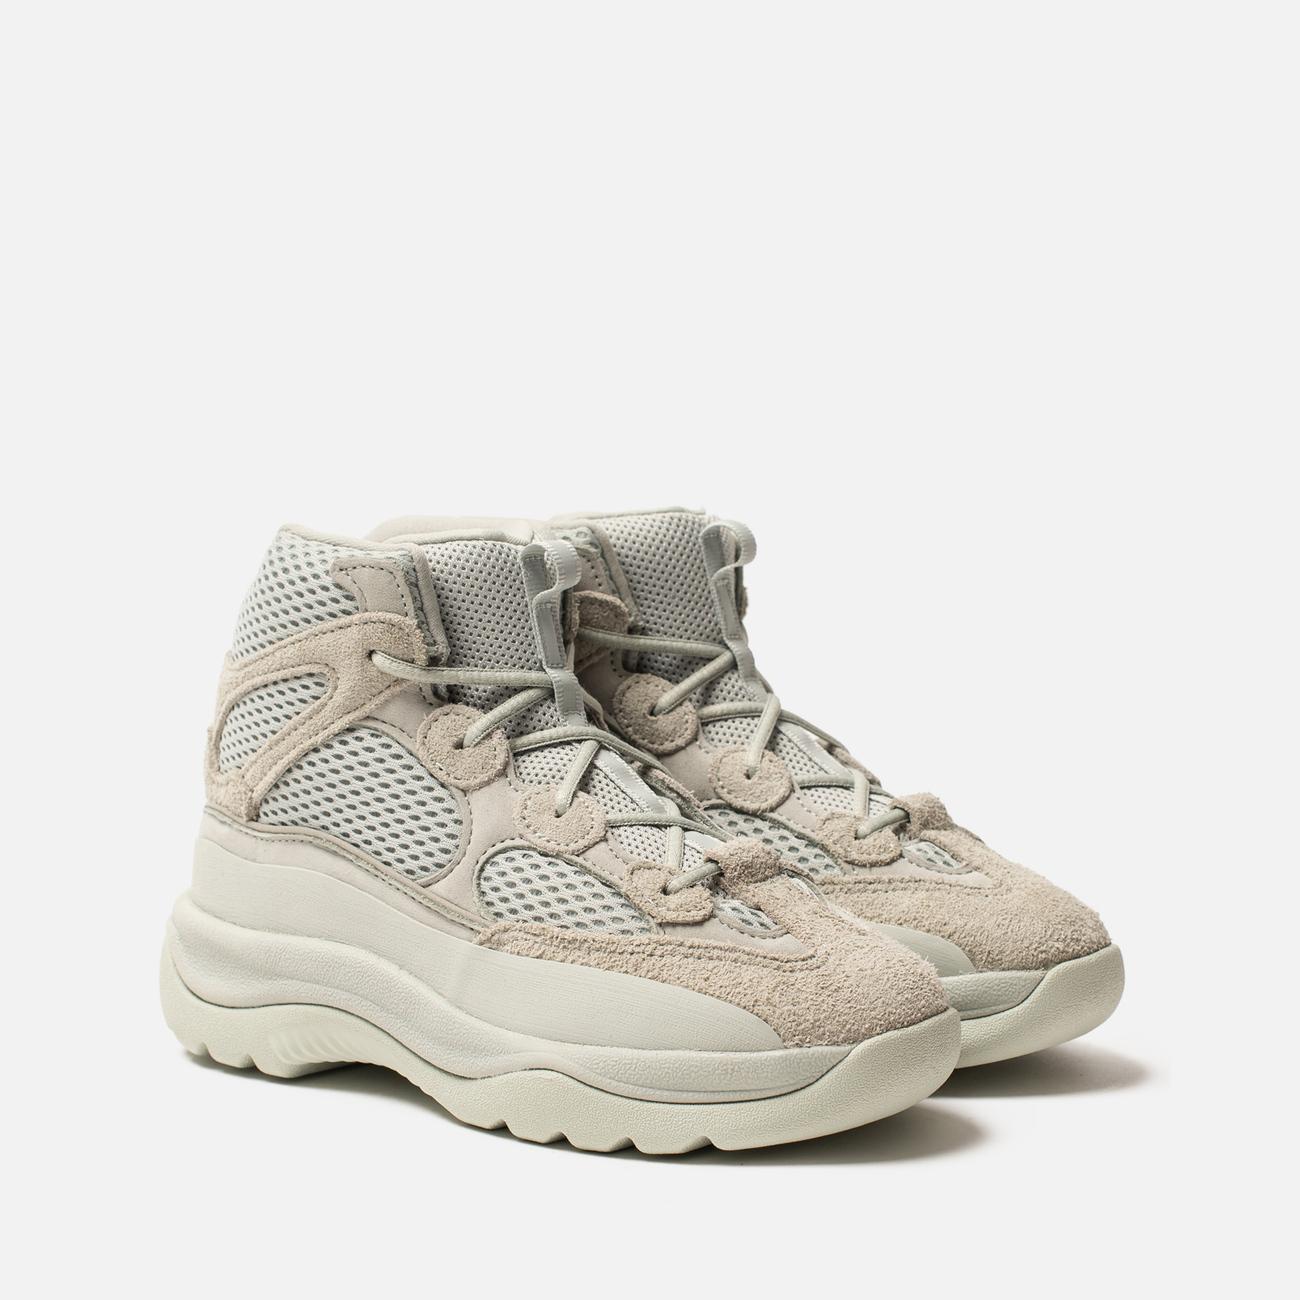 Кроссовки детские adidas Originals YEEZY Desert Boot Kids Salt/Salt/Salt